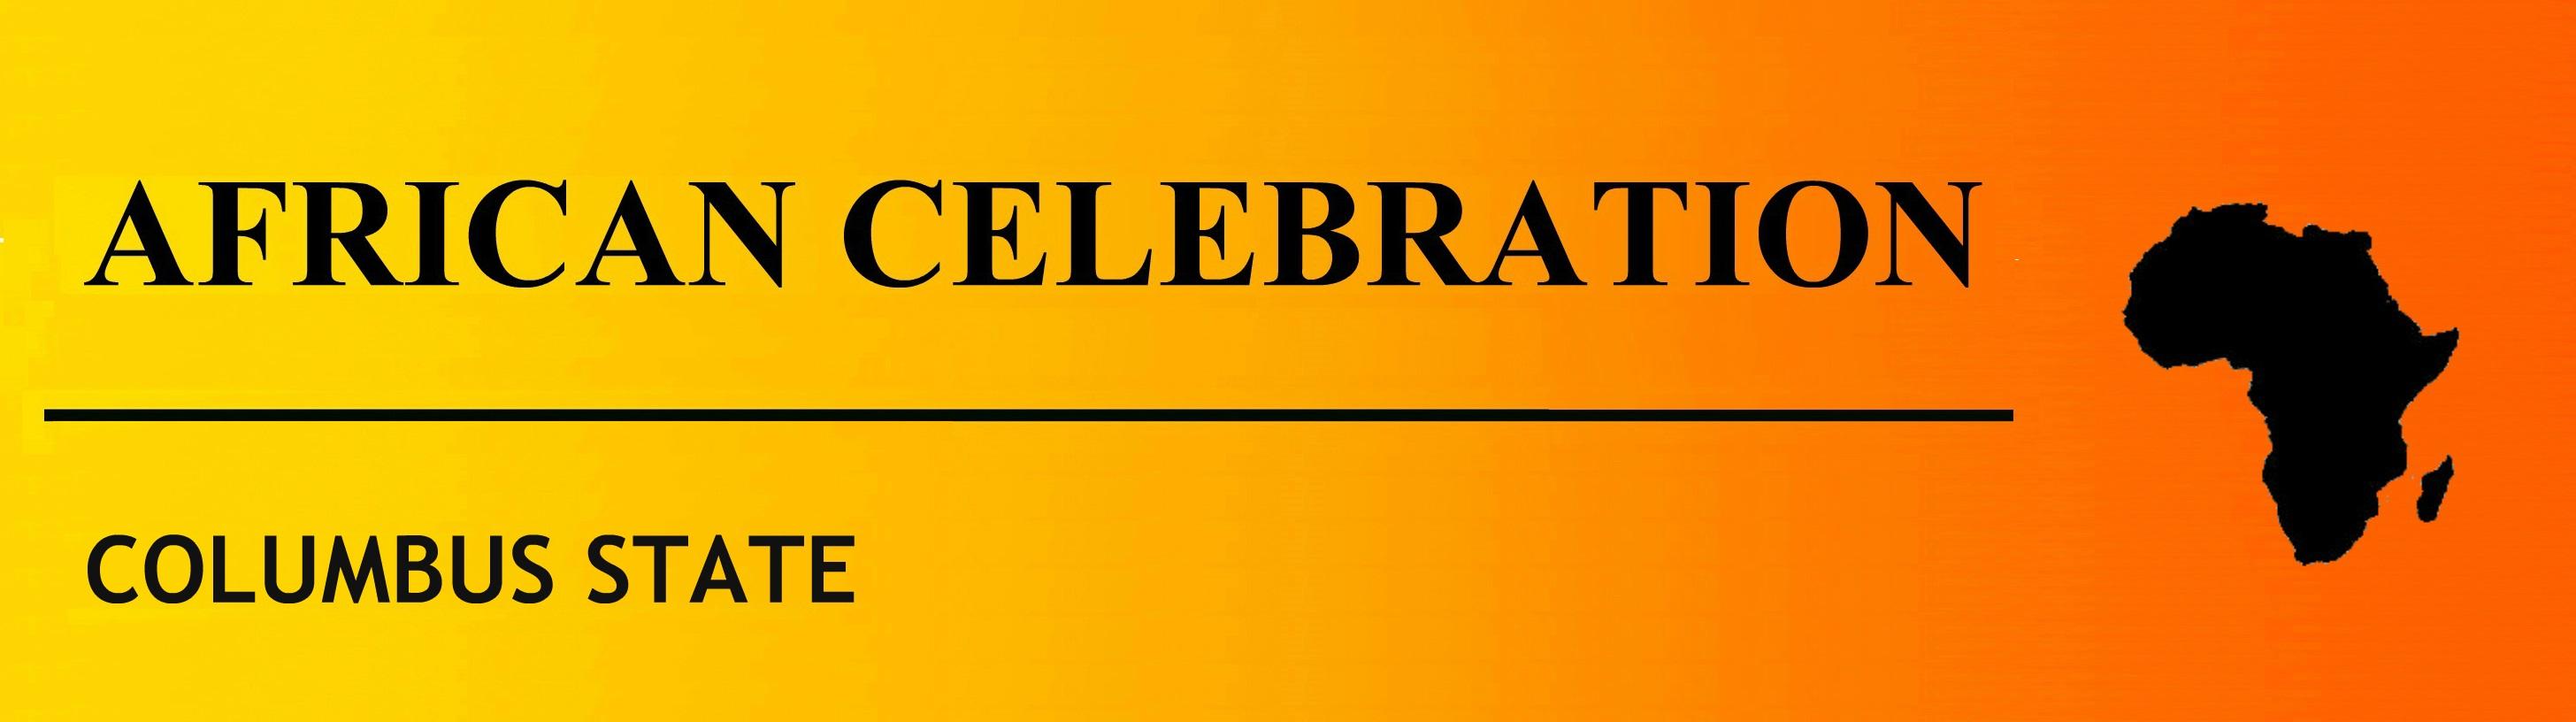 African Celebration Banner 2014 Bigger